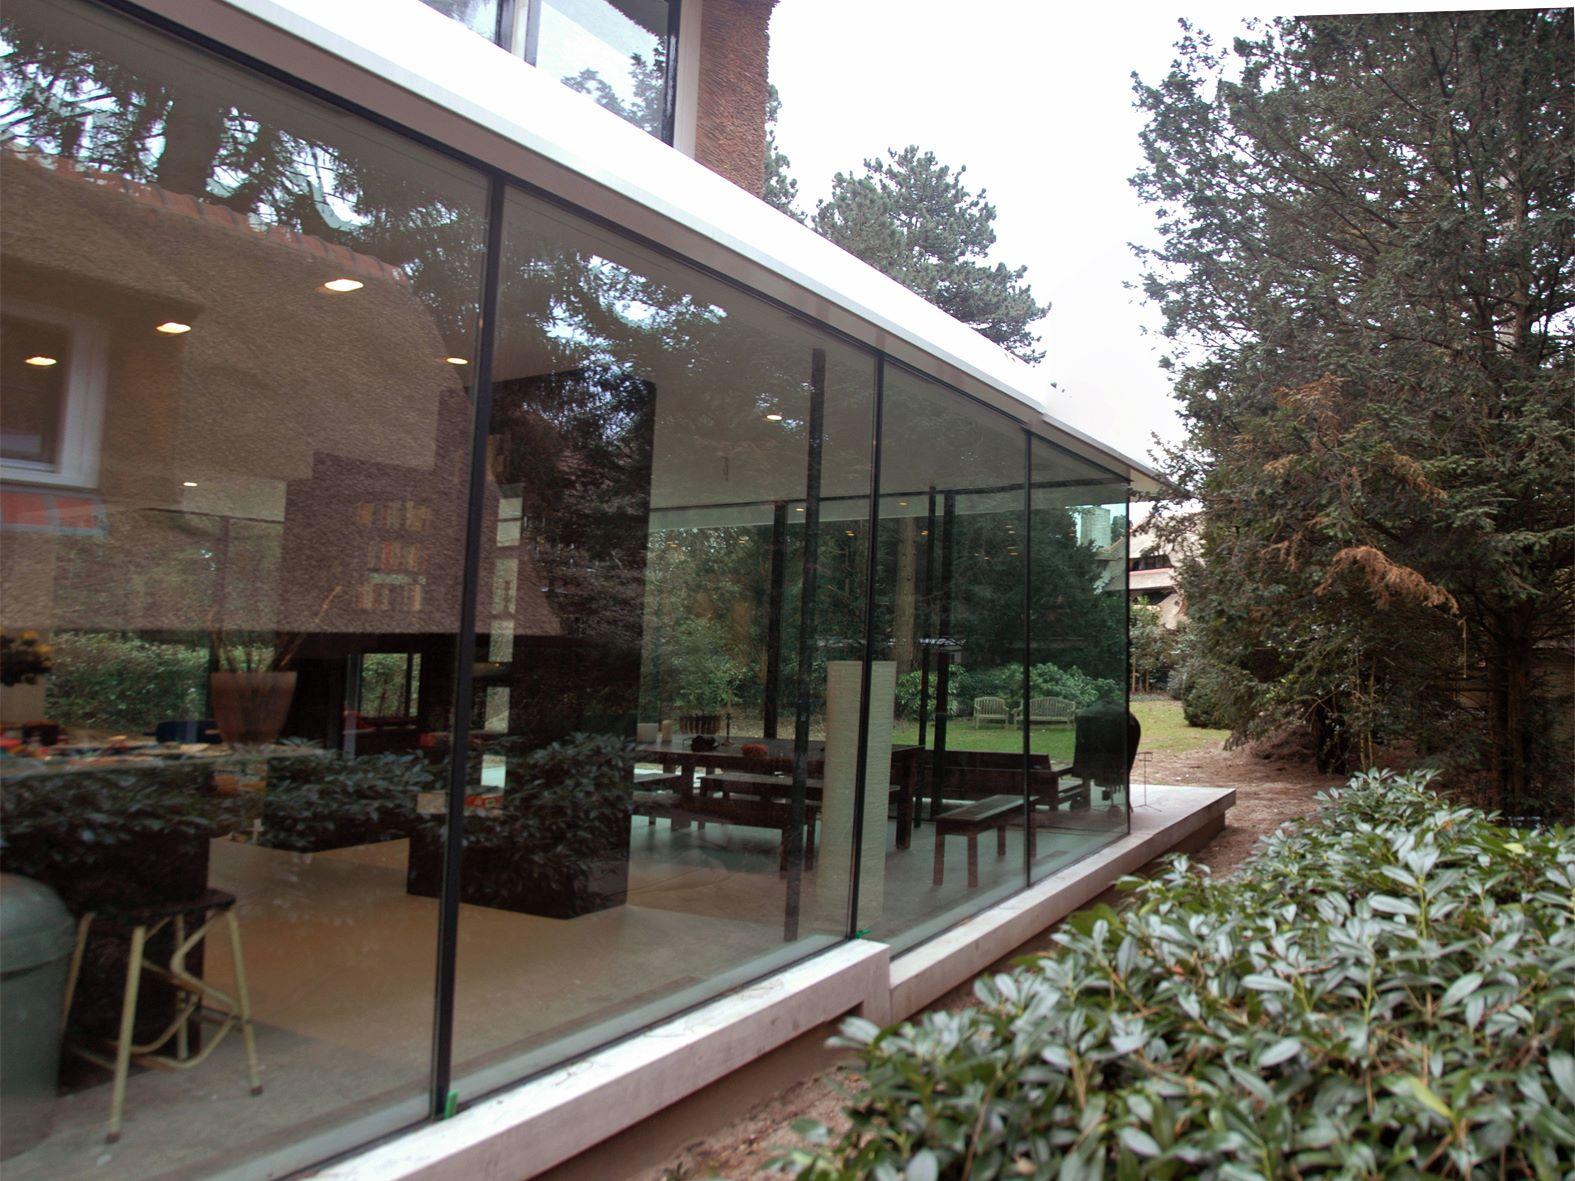 Realisatie villa shelter aerdenhout al bijna 30 jaar deskundig - Moderne woning buiten lay outs ...